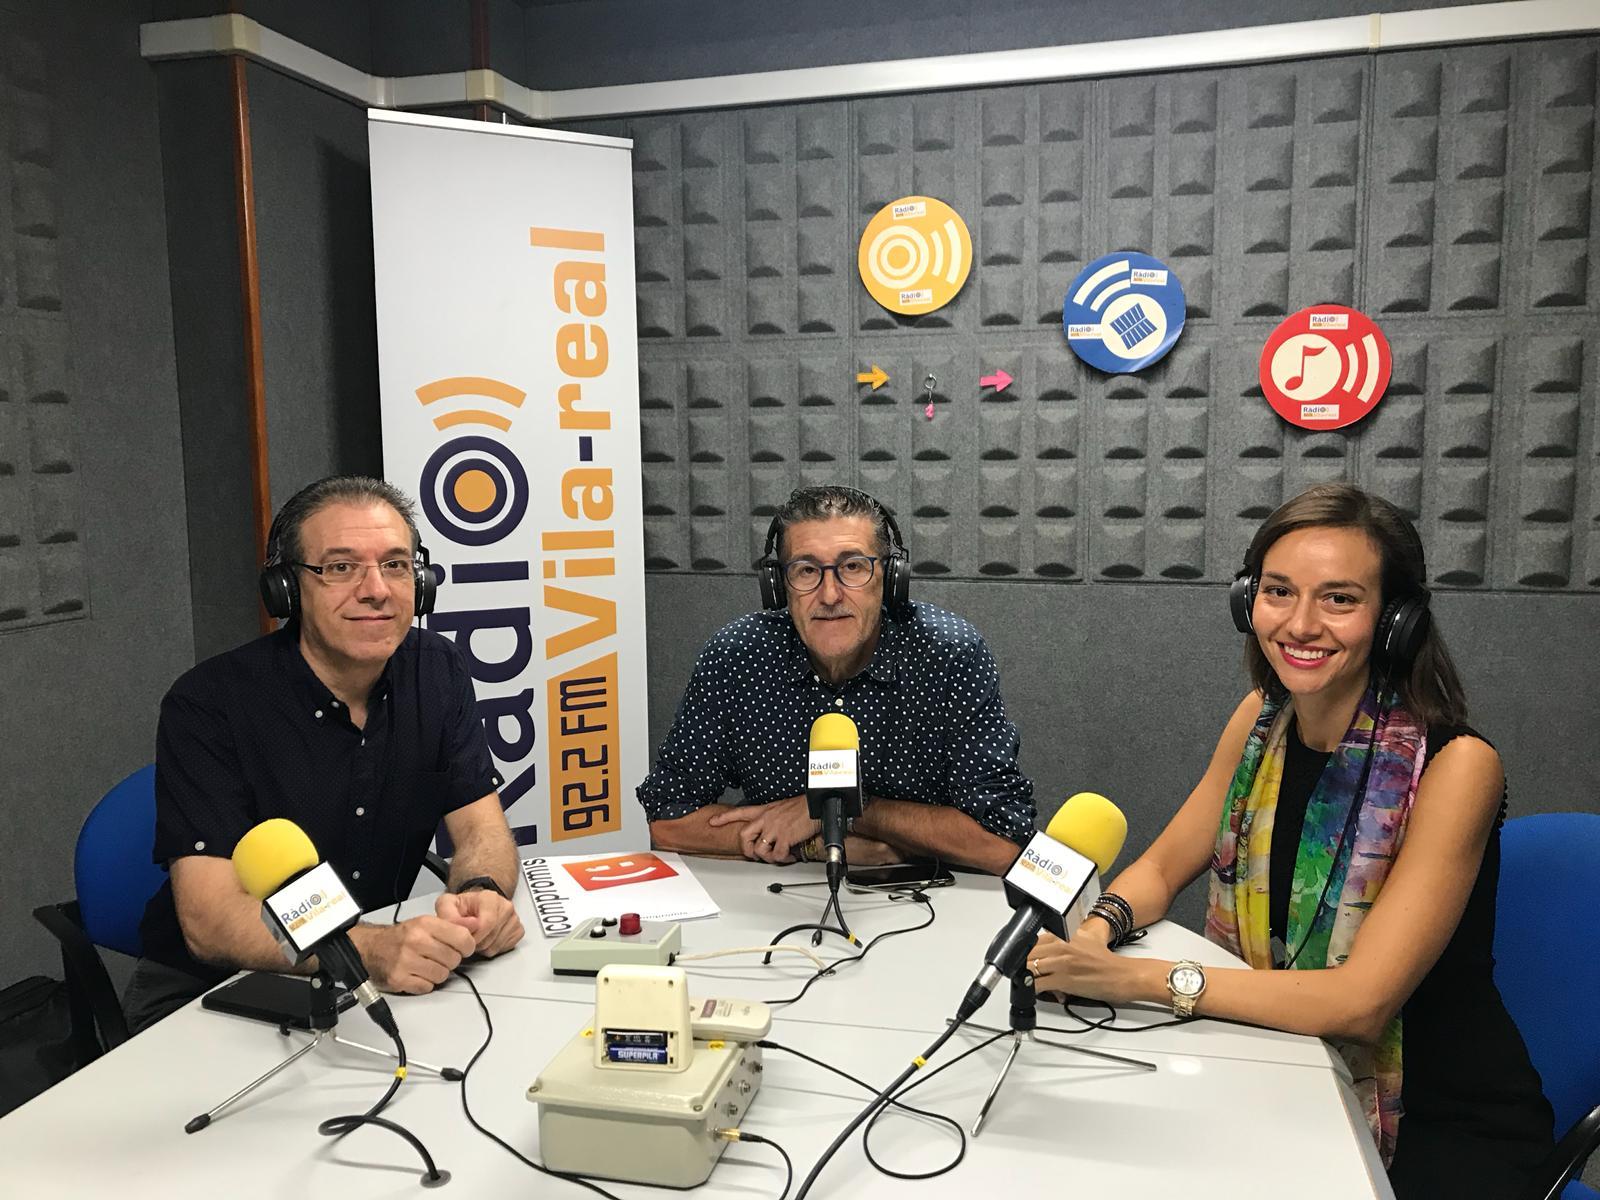 Entrevista: Balma Llansola y Jaume Moreno, de Compromís.